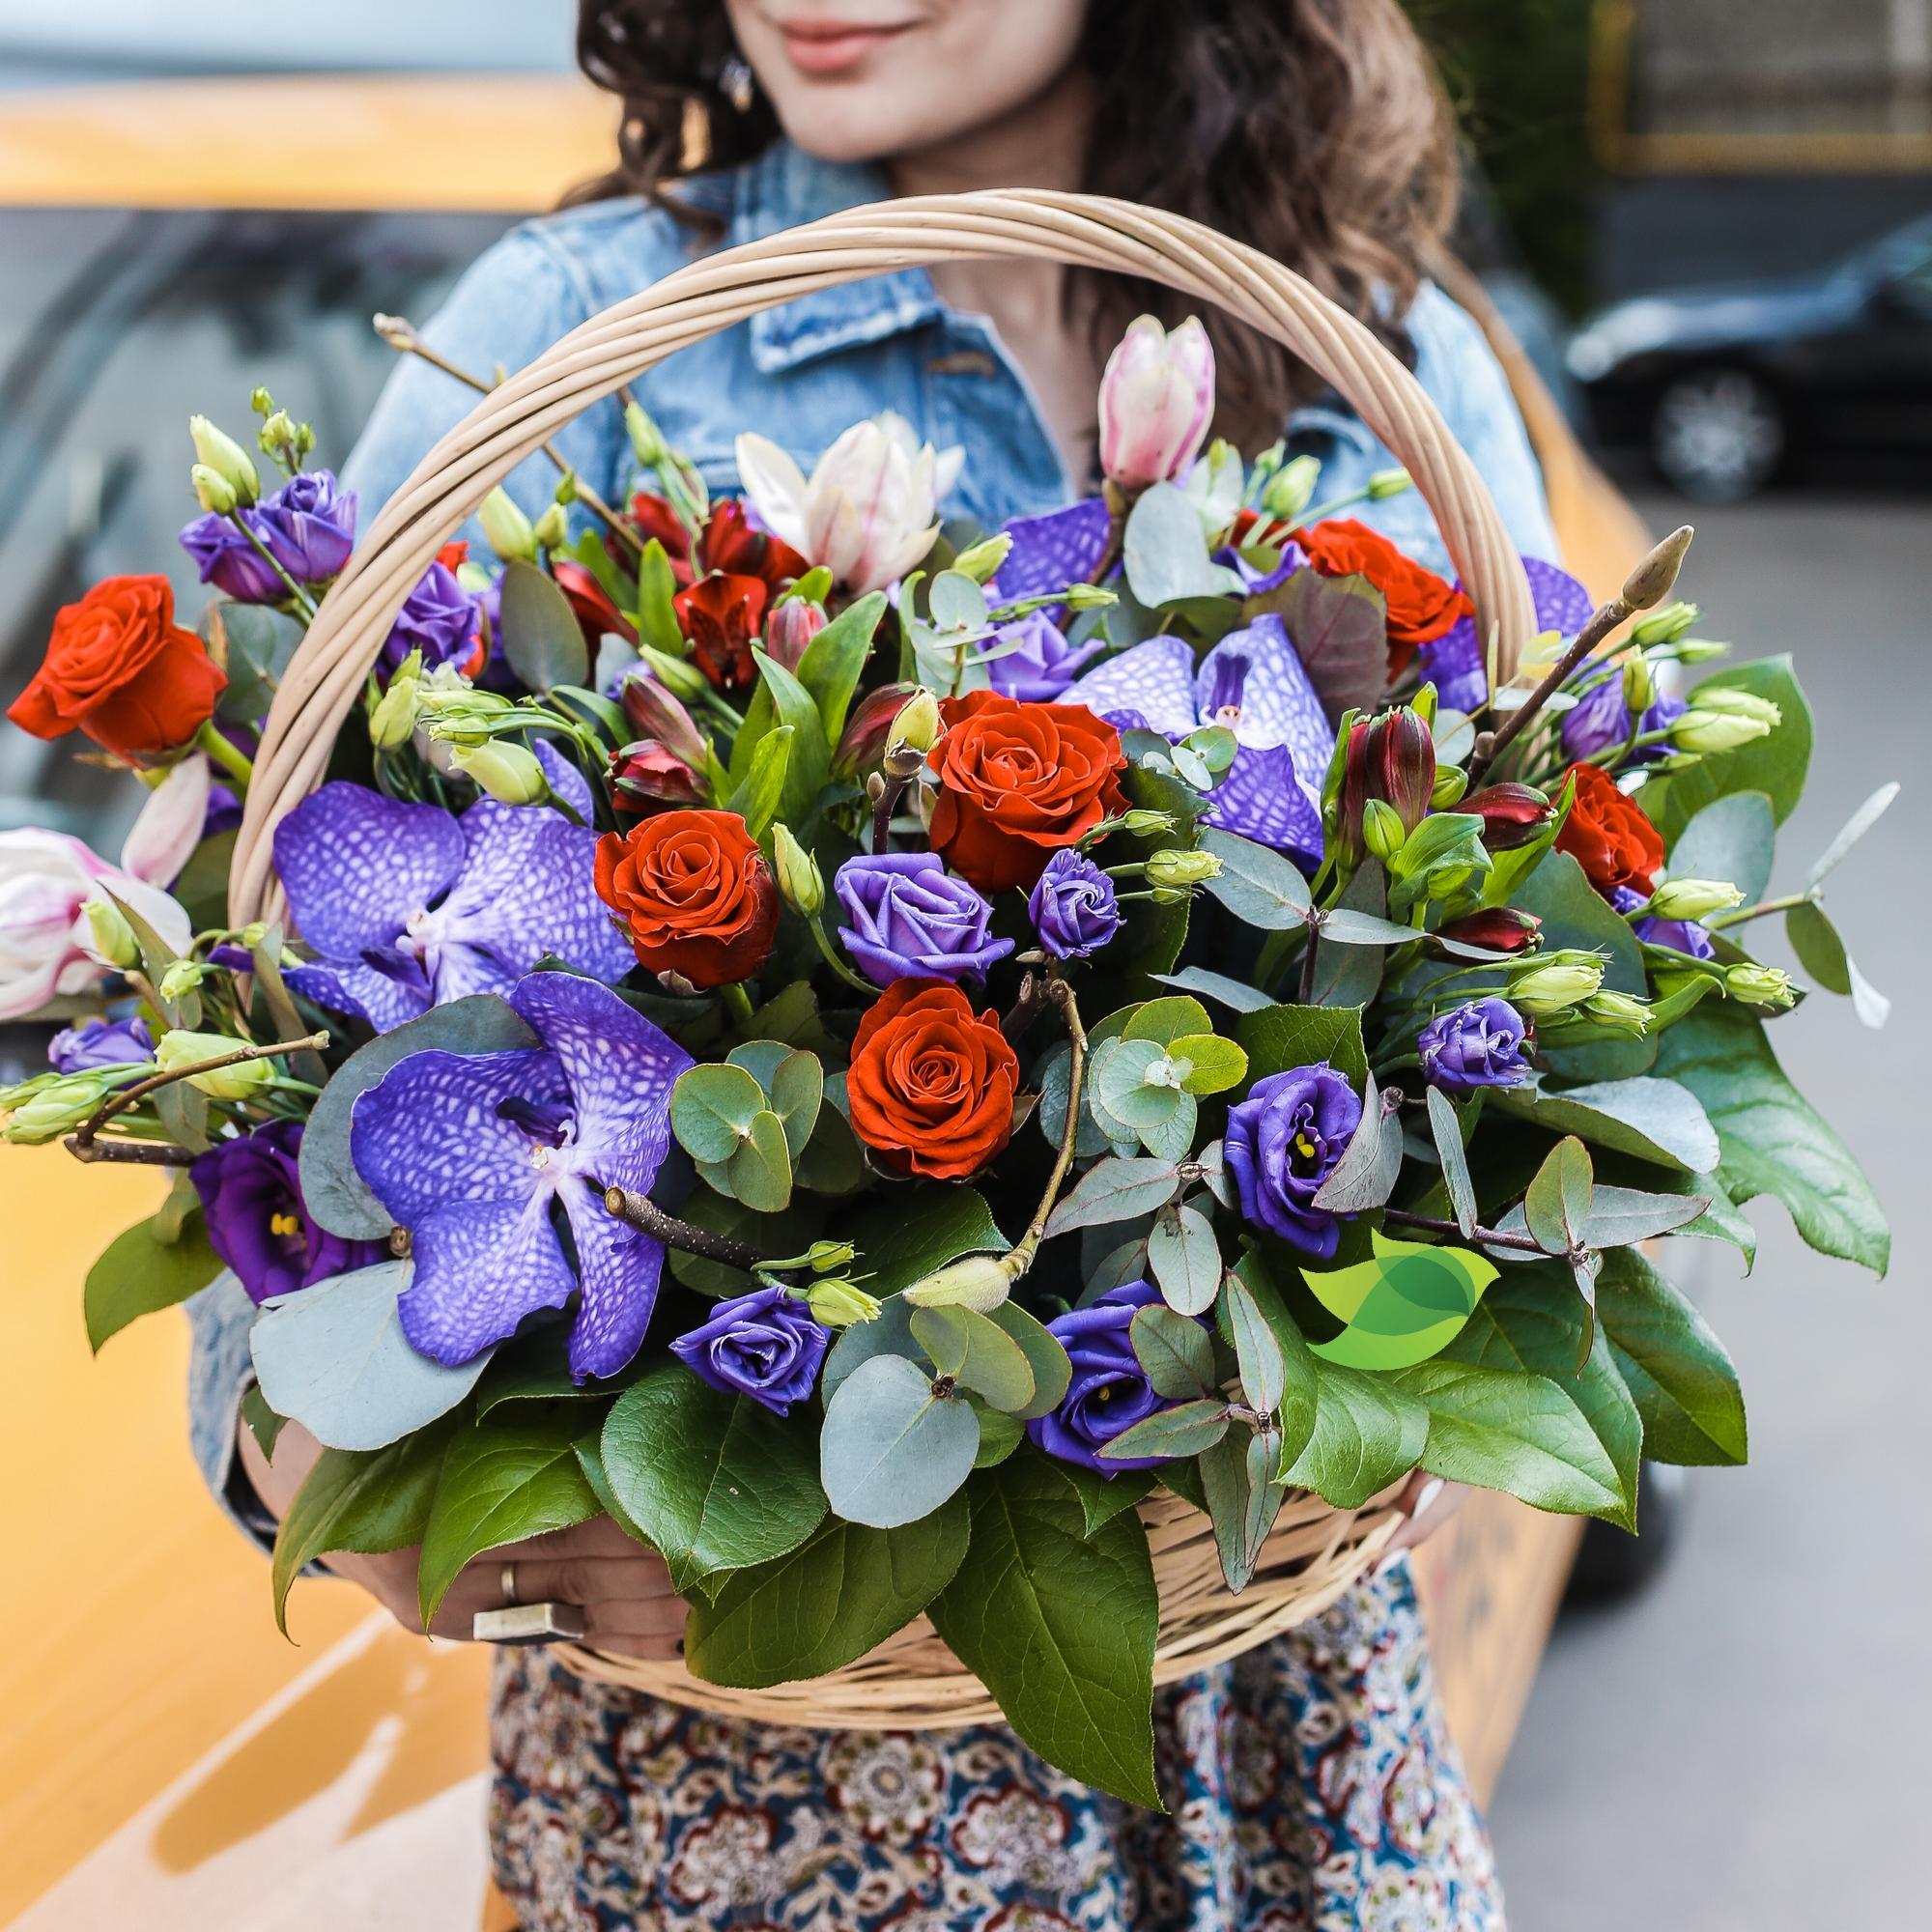 Фото букета: Корзина с розами и вандой